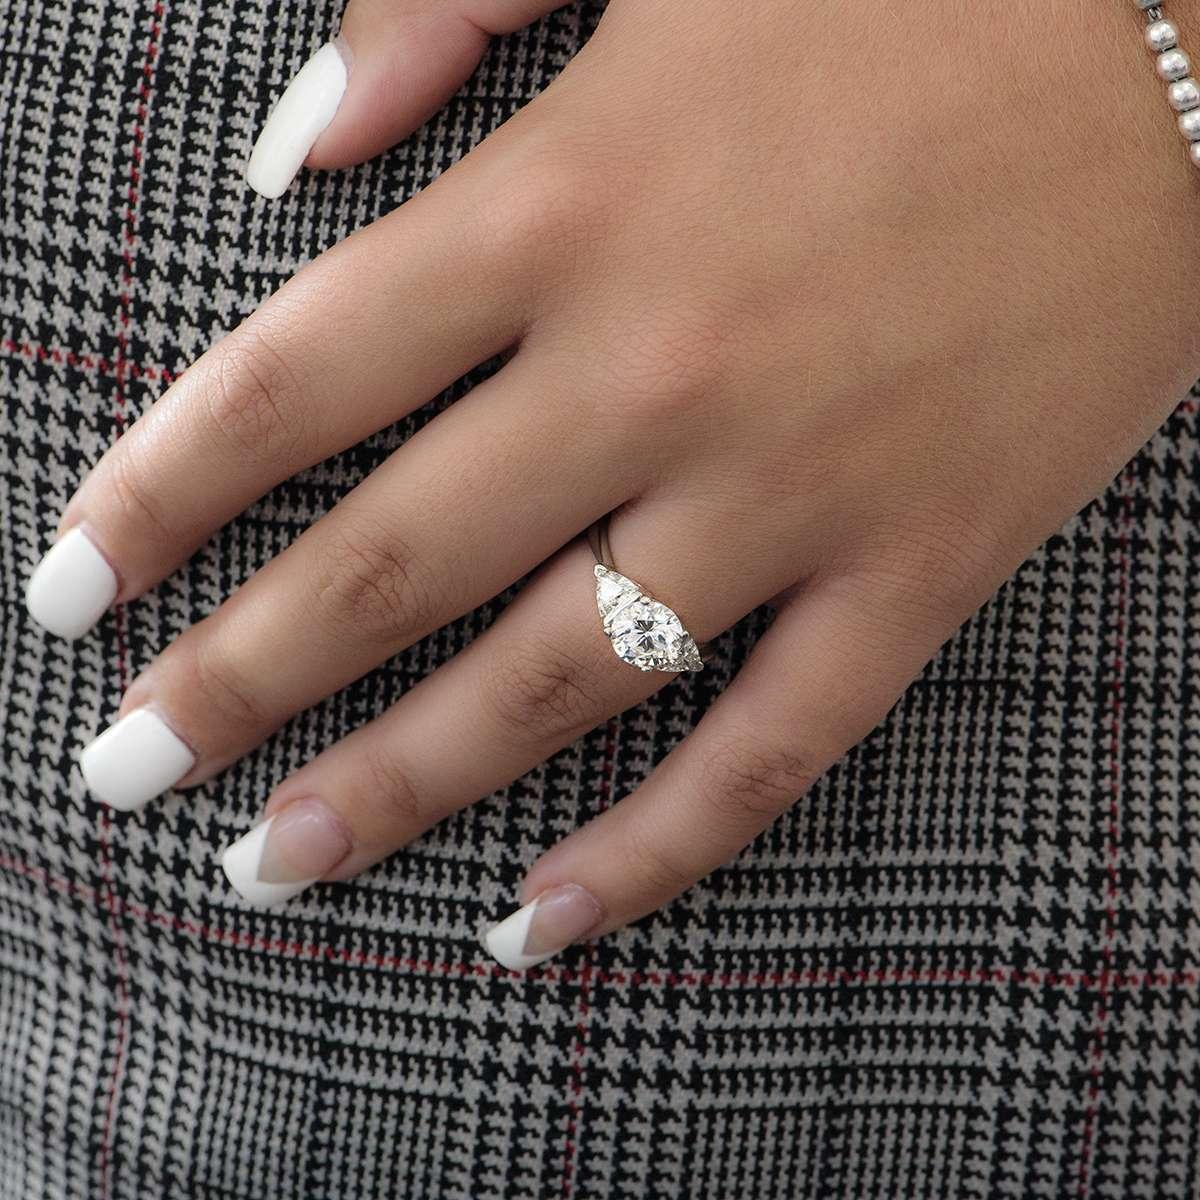 Platinum Round Brilliant Cut Diamond Ring 2.08ct I/I3